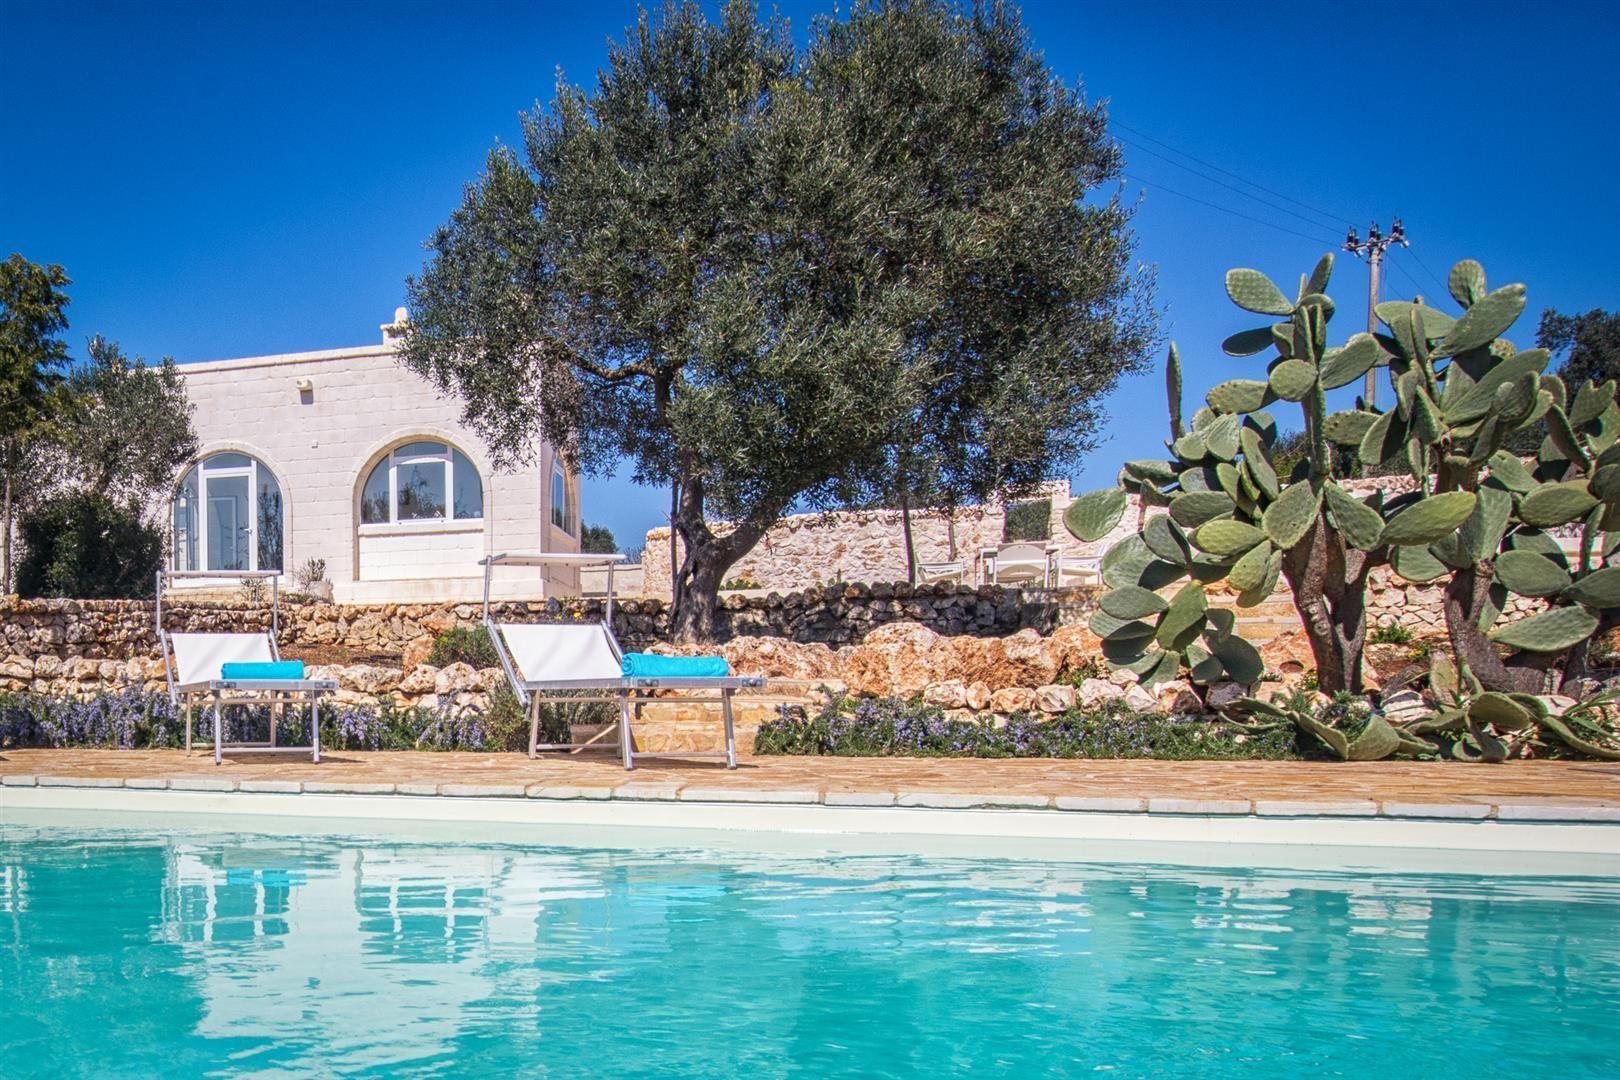 Villa Cristina Location De Vacances - Couchages 6 Dans 3 ... concernant Location Maison Piscine Privée Dernière Minute